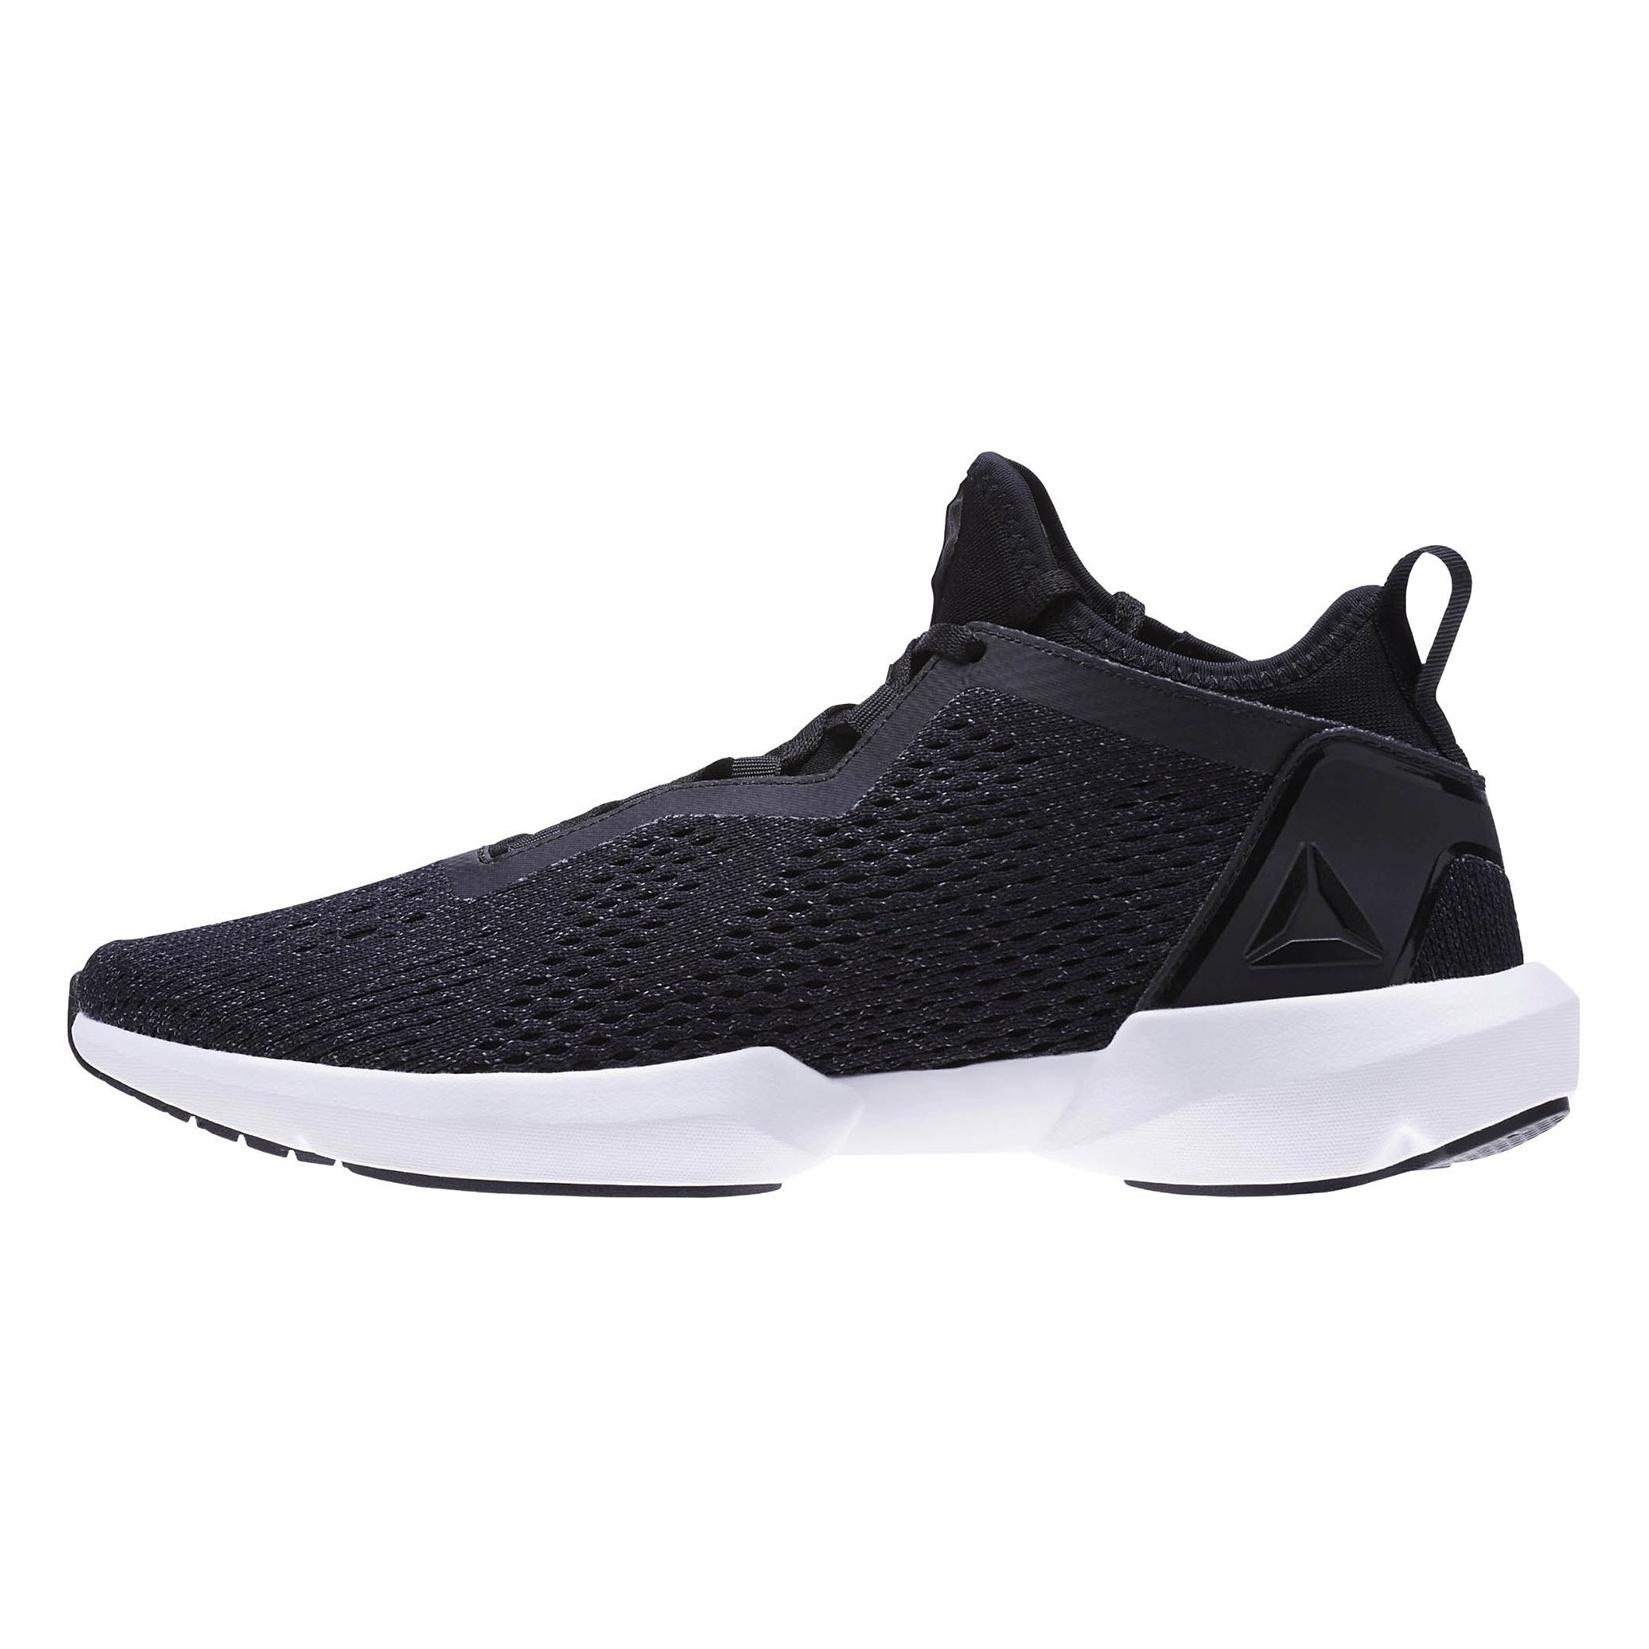 خرید                     کفش مخصوص دویدن مردانه ریباک مدل plus runner کد cm8719